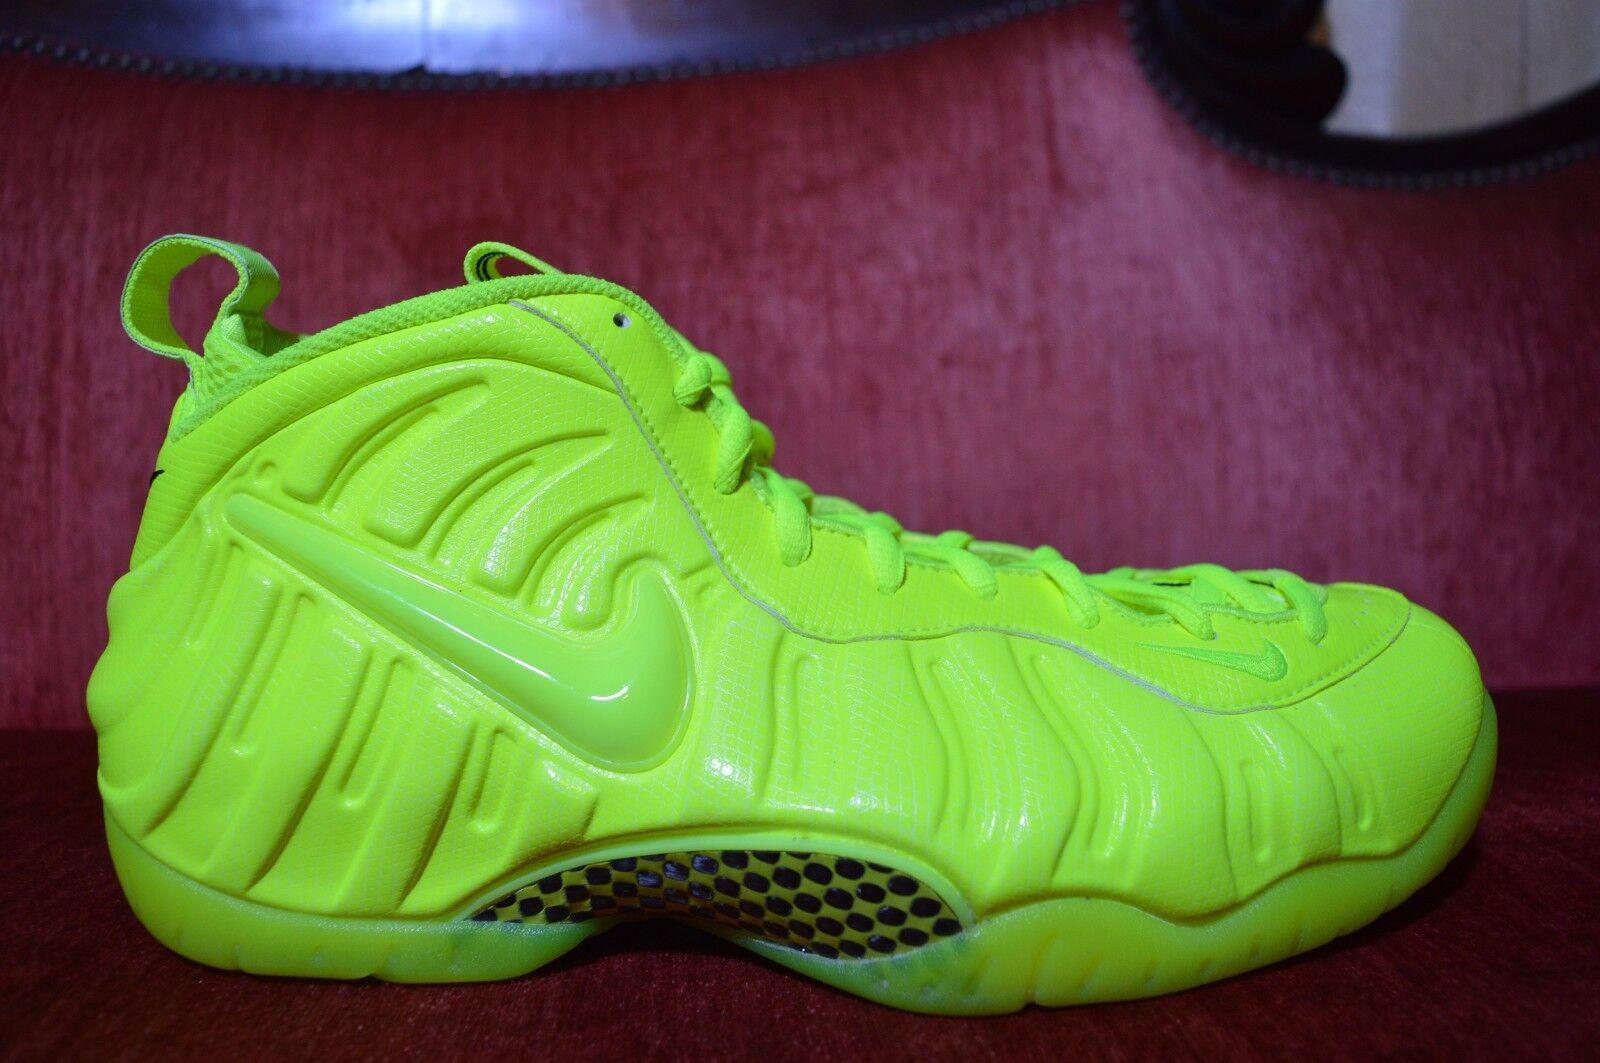 Vnds nike air foamposite pro tennis da giallo - verde 624041 700 44